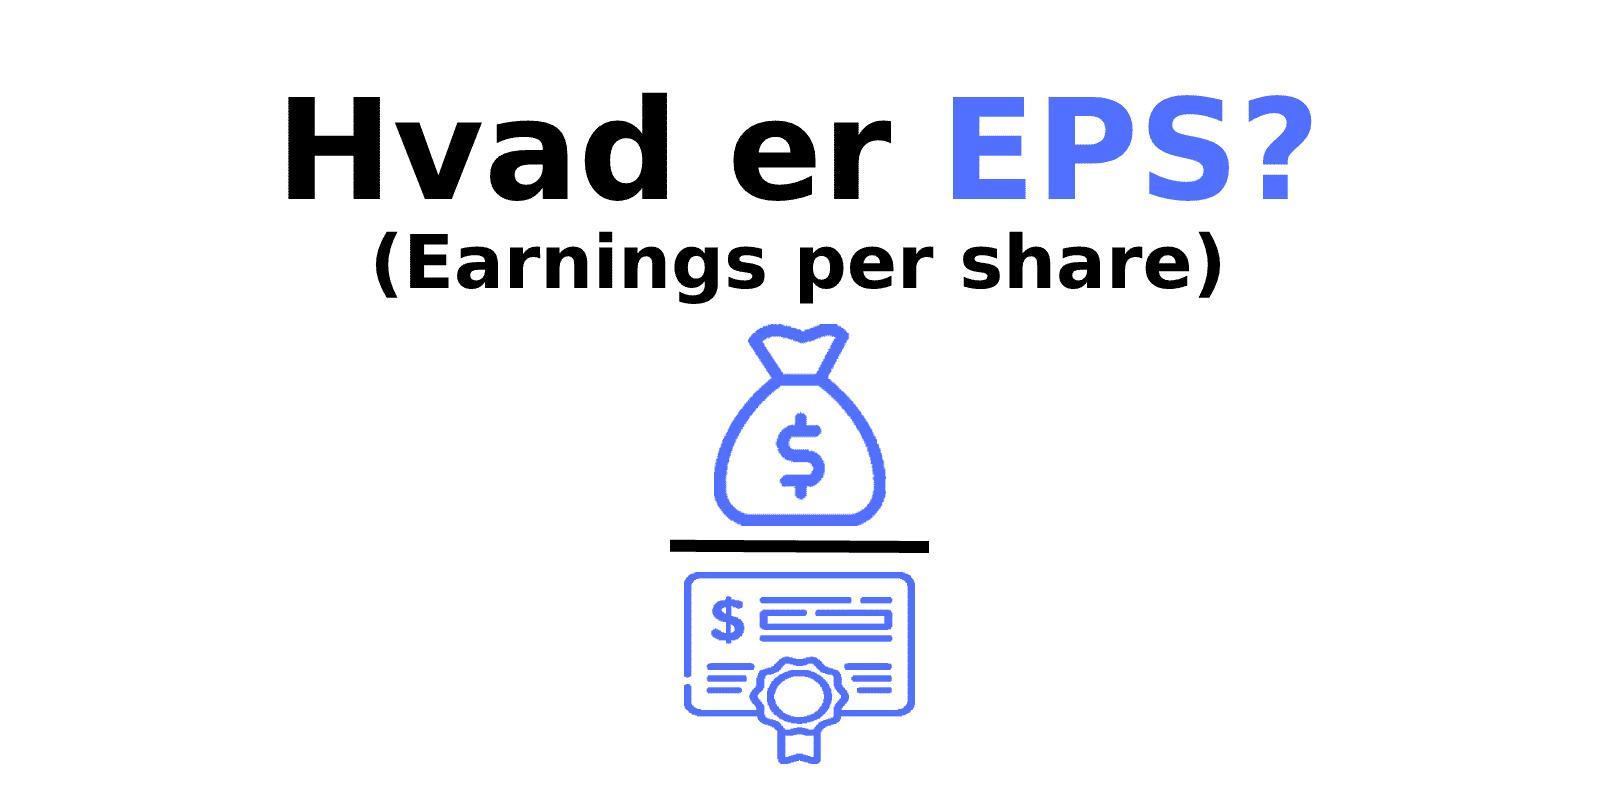 Hvad er EPS?